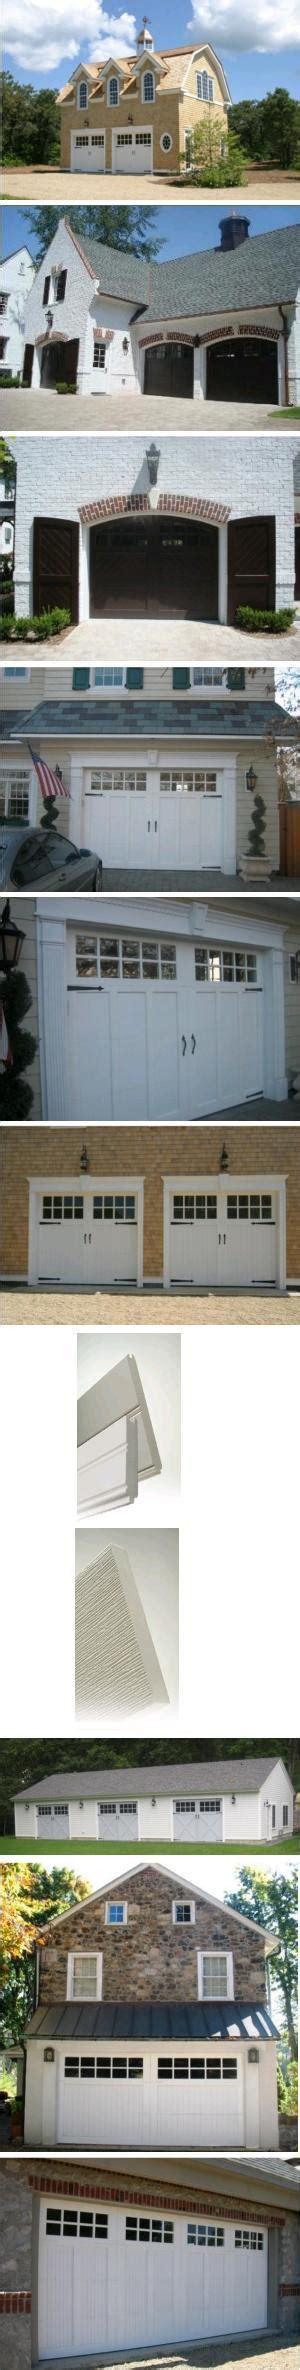 Azek Garage Doors Clingerman Garage Doors Sweets Azek Garage Doors